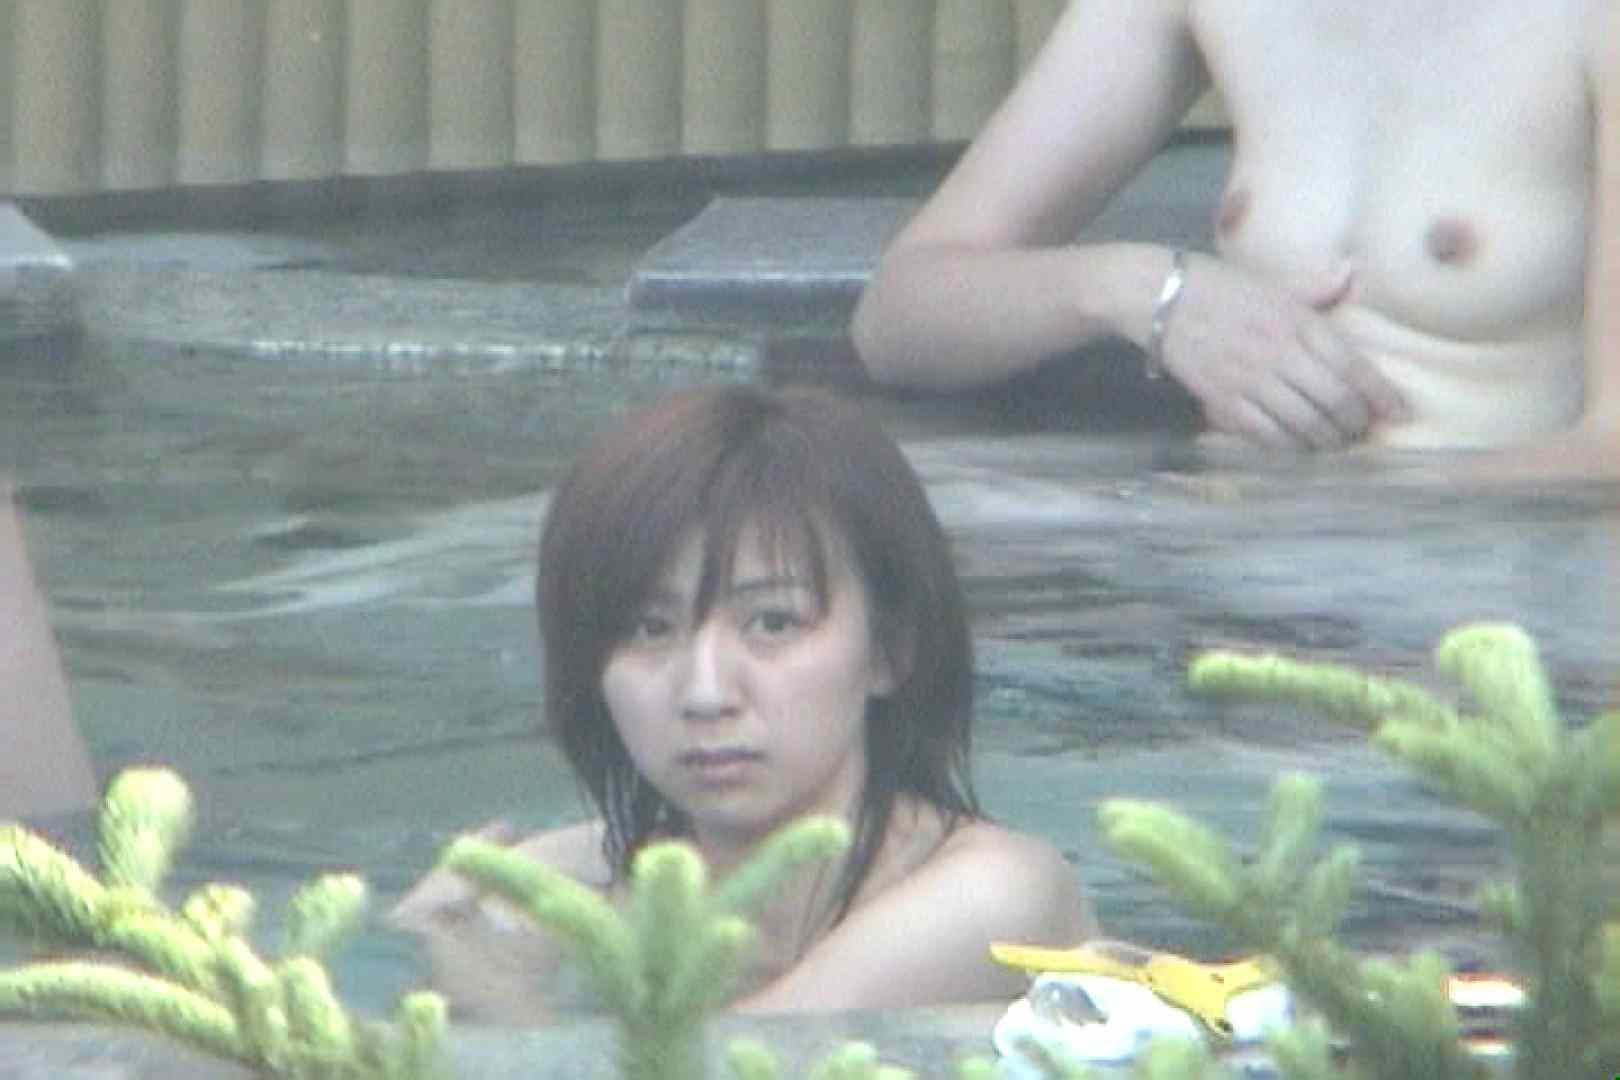 Aquaな露天風呂Vol.77【VIP限定】 露天  80Pix 71